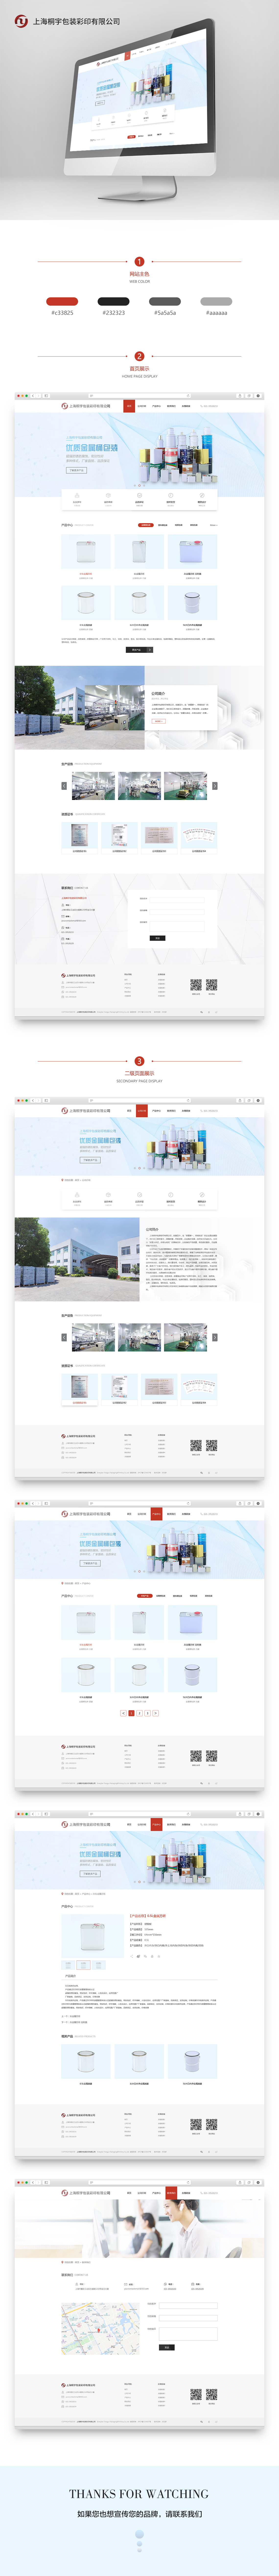 公司案例展示2018-37上海桐宇包装公司